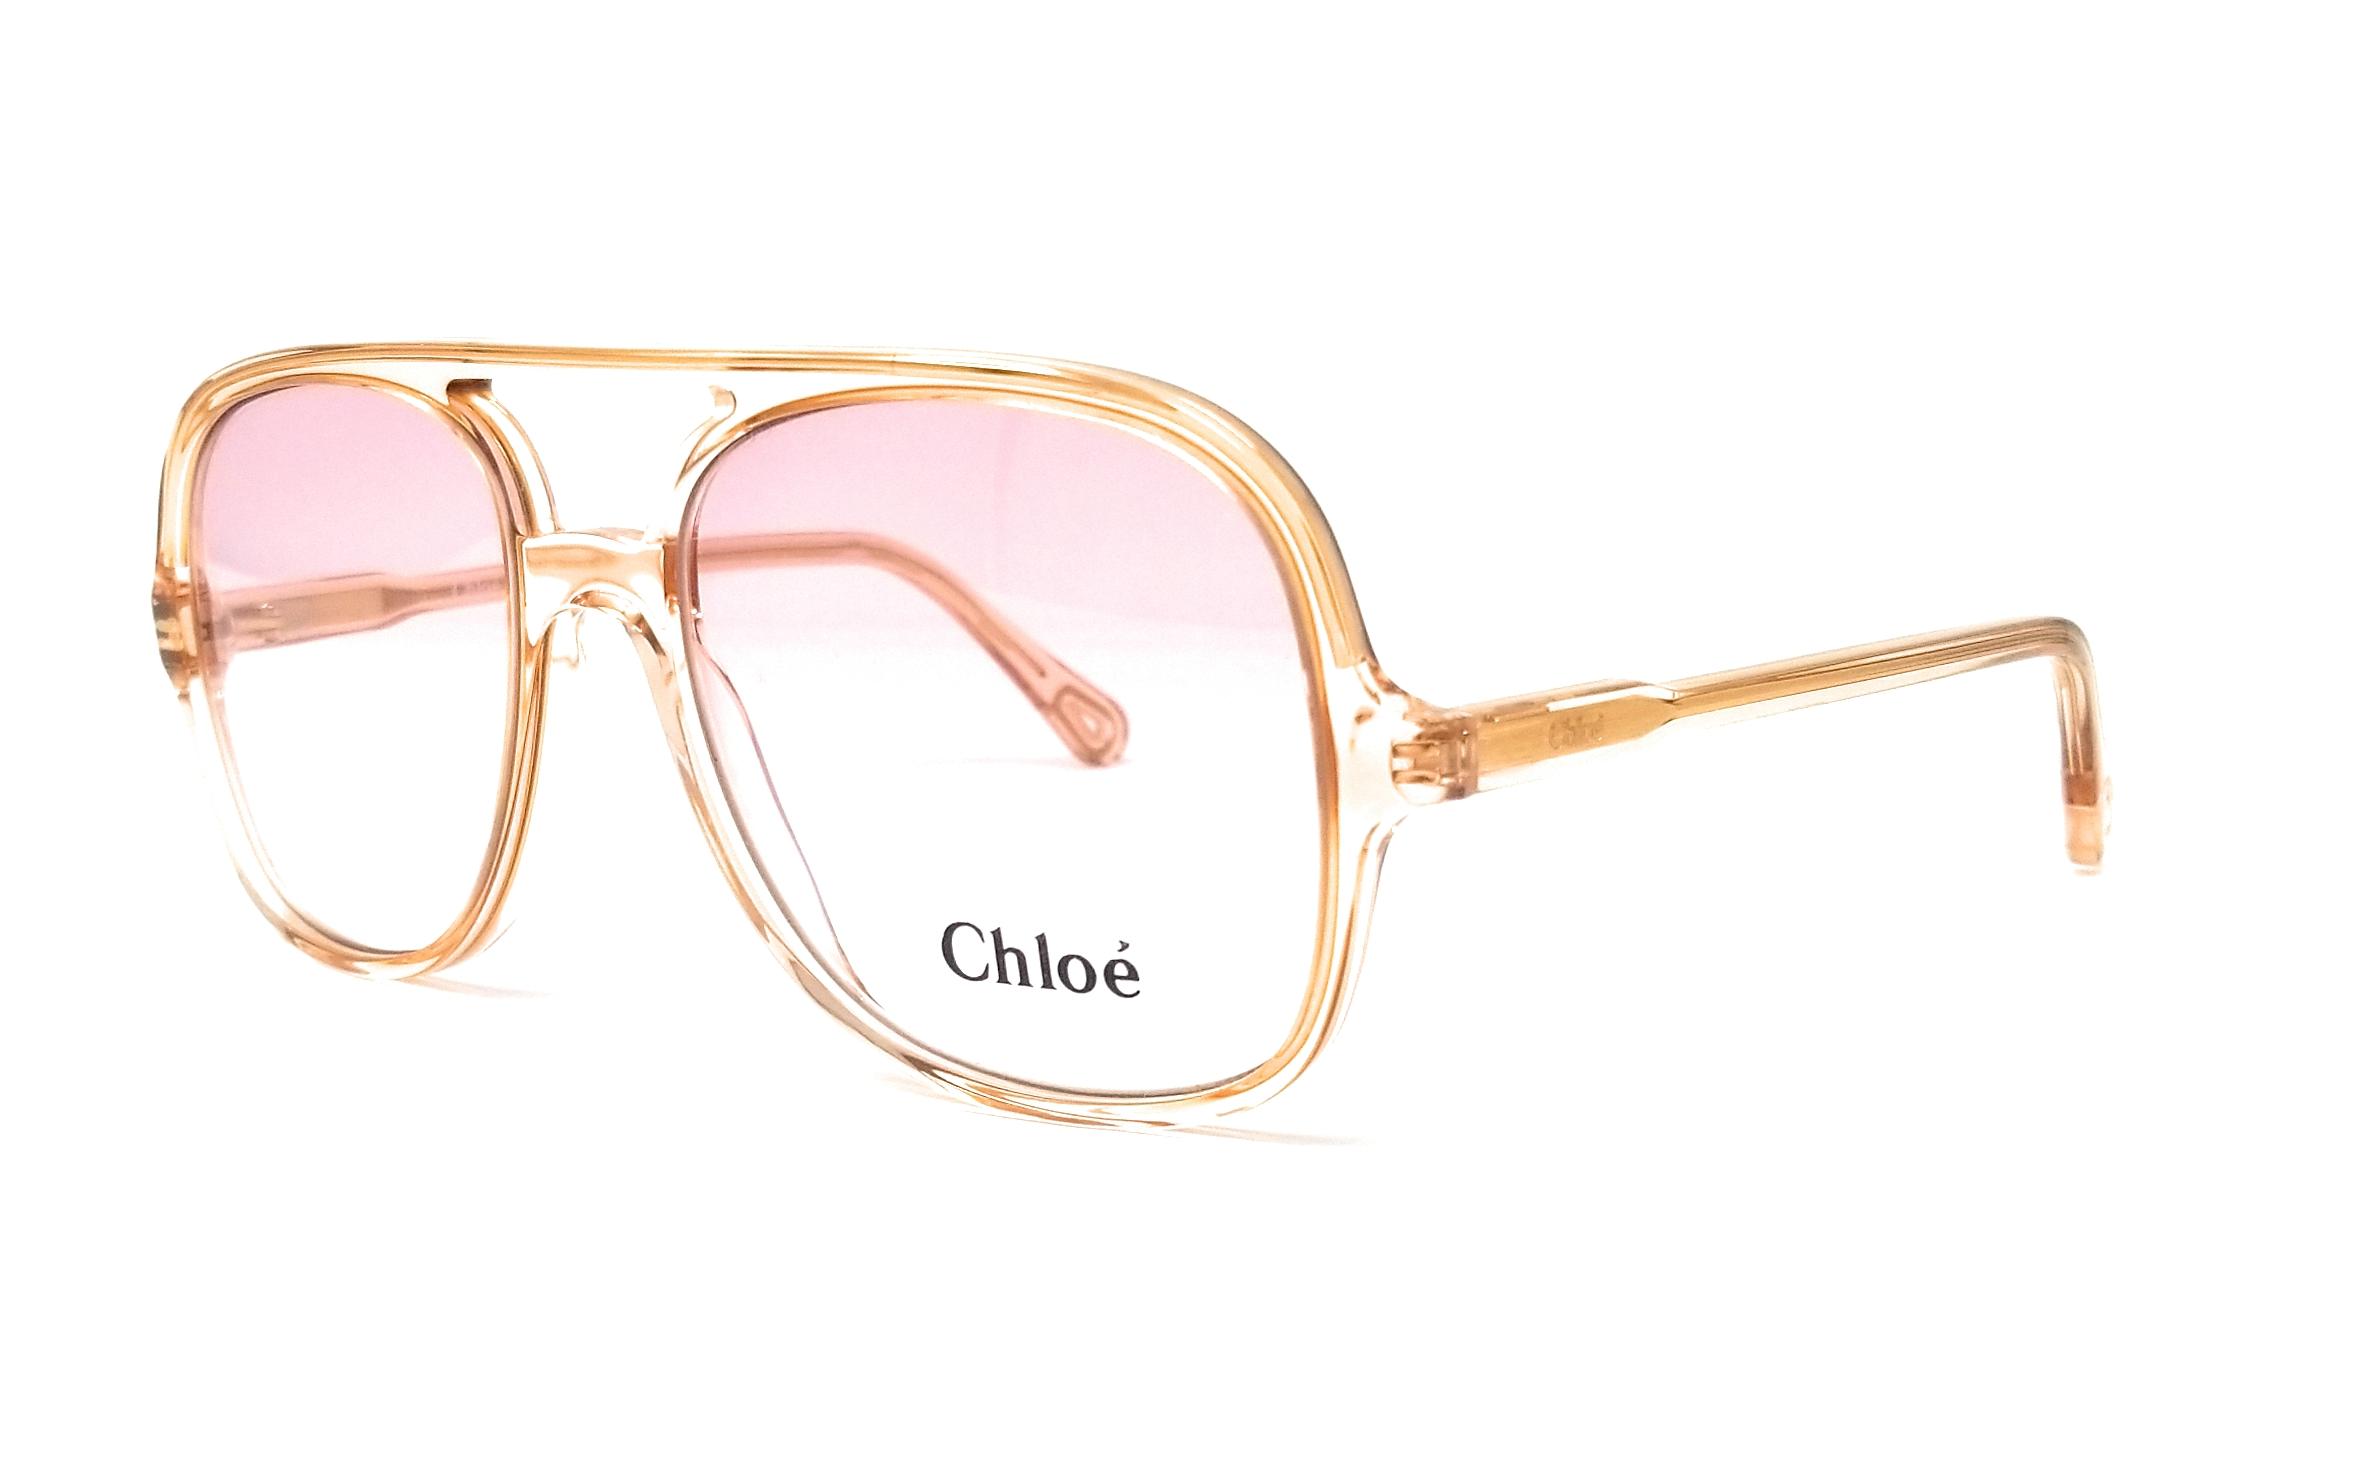 35b264ea484cb CHLOE Eyeglasses CE2722 749 Peach Navigator 56x17x140 886895326032 ...